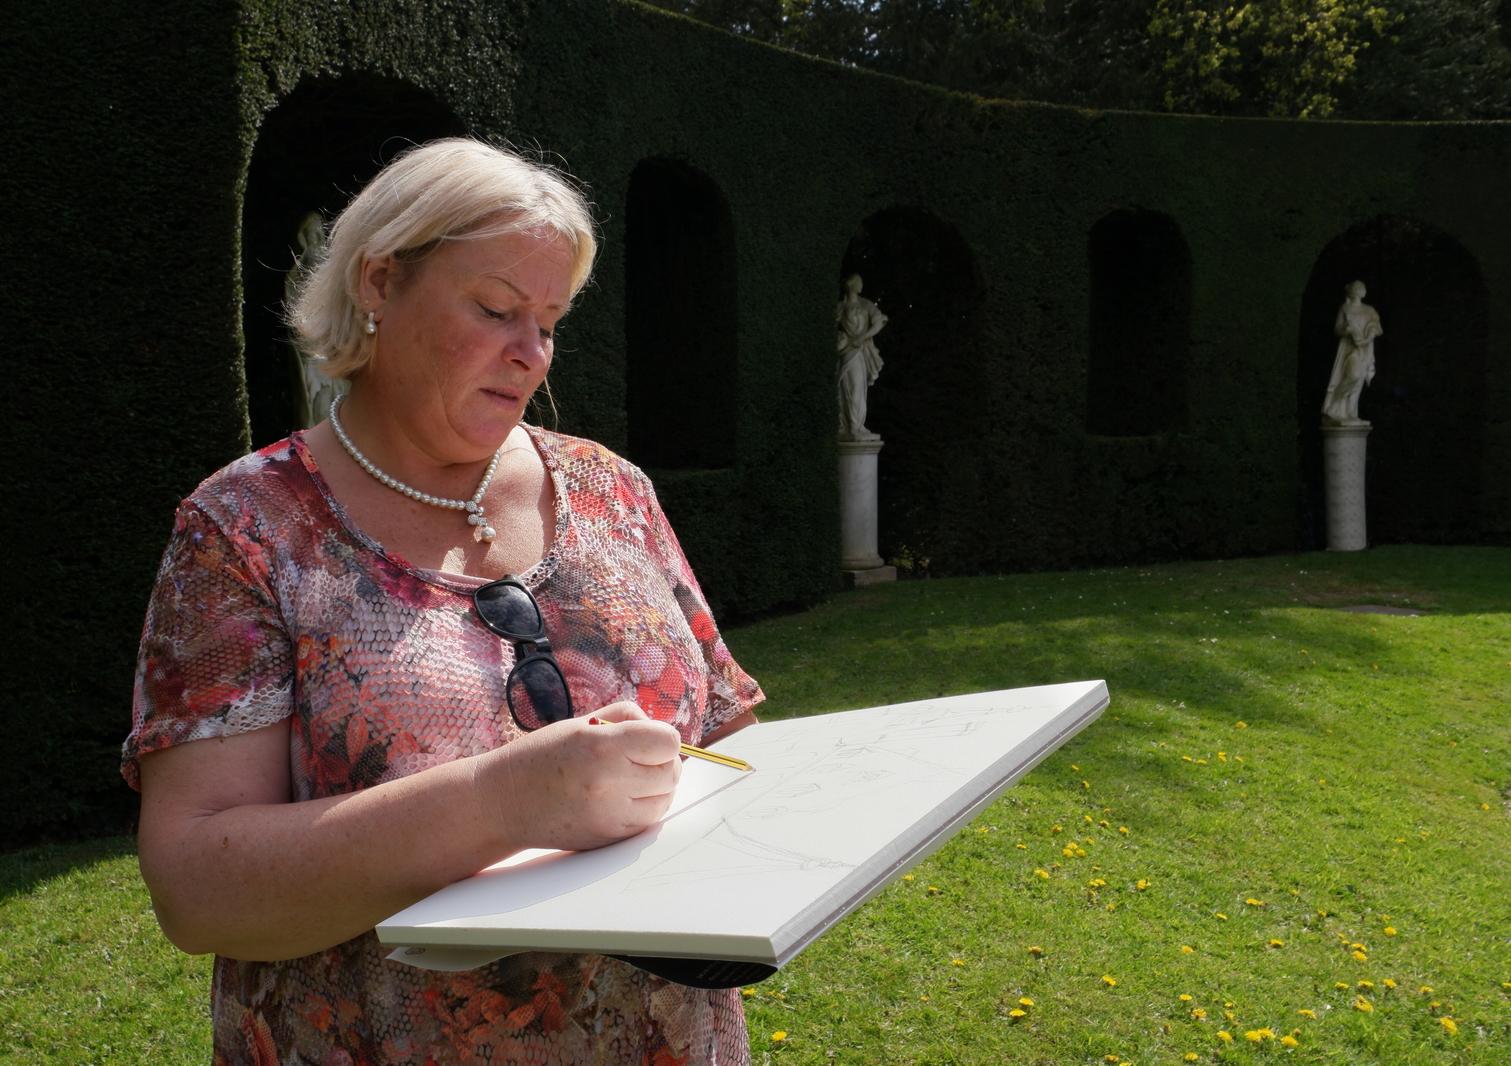 Laure Van De Meele dessinant au parc de solvay A